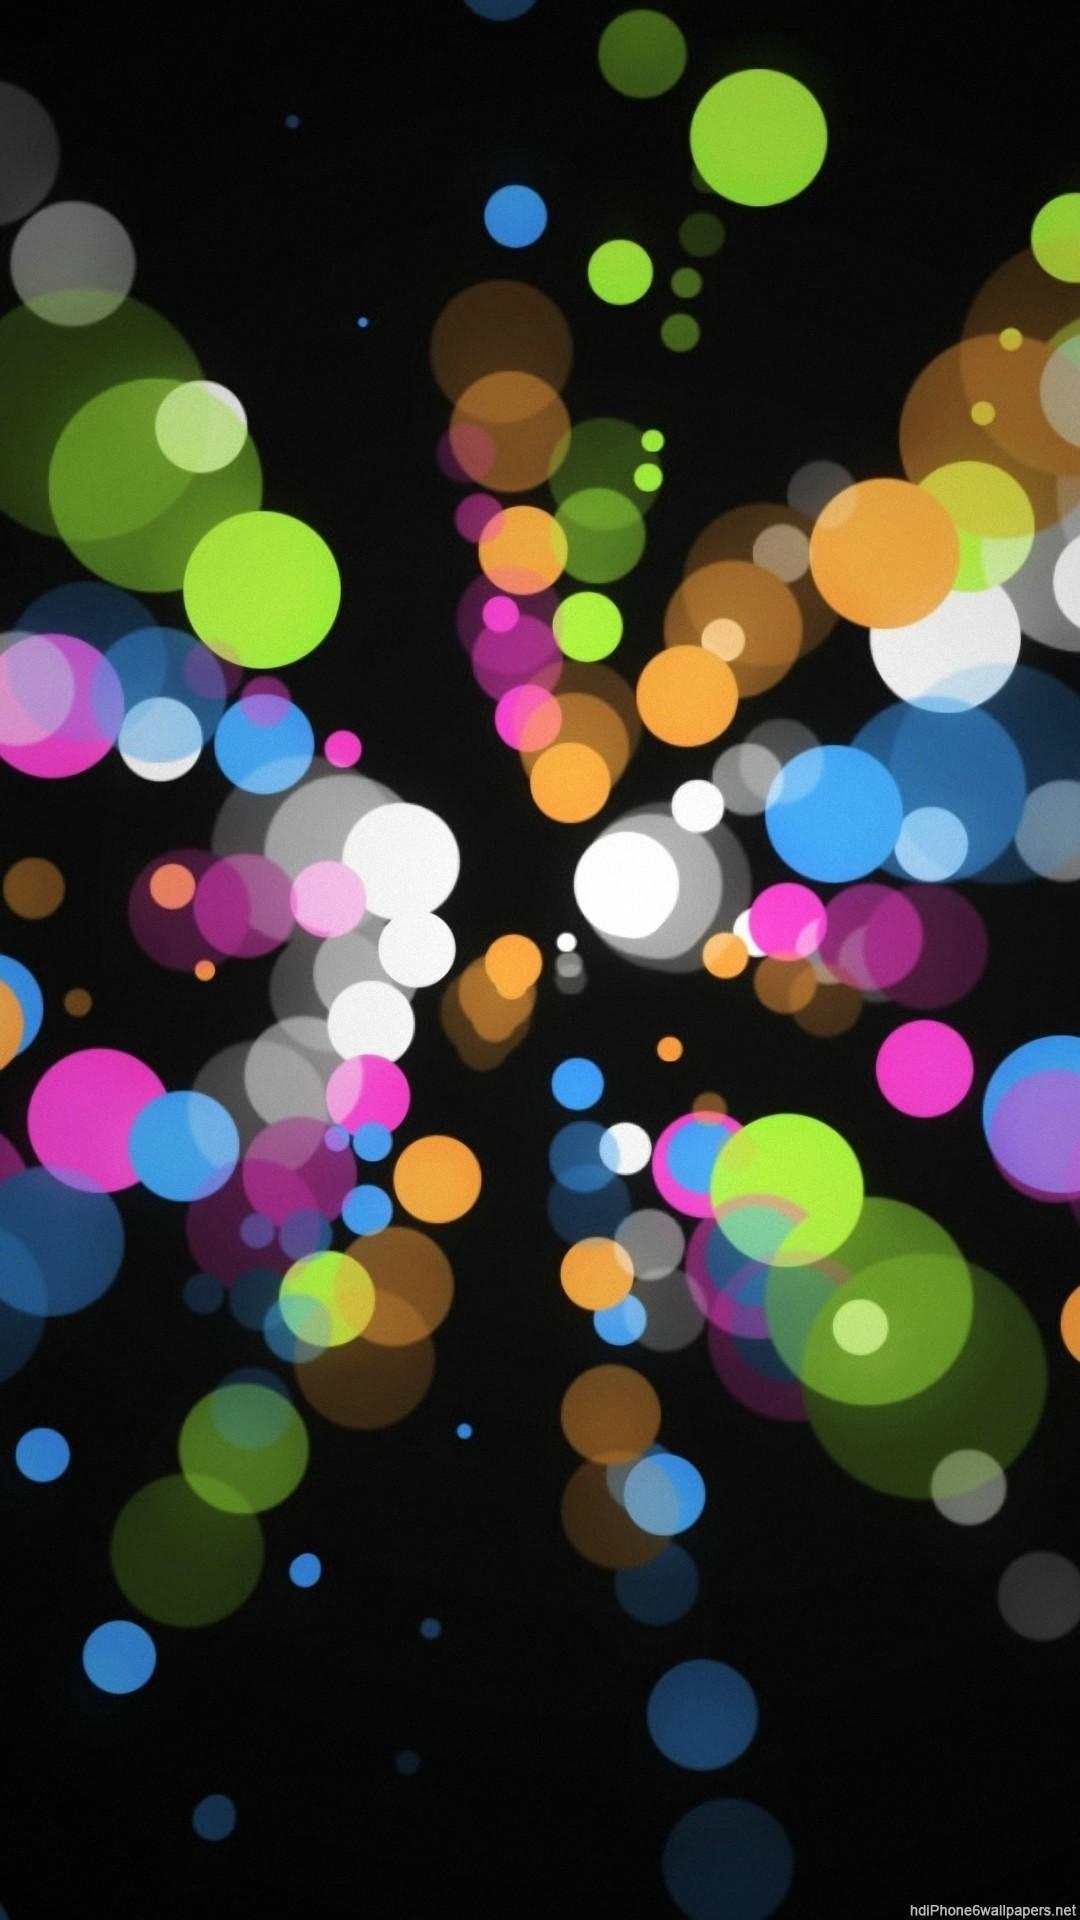 Illumination iphone 6 wallpapers